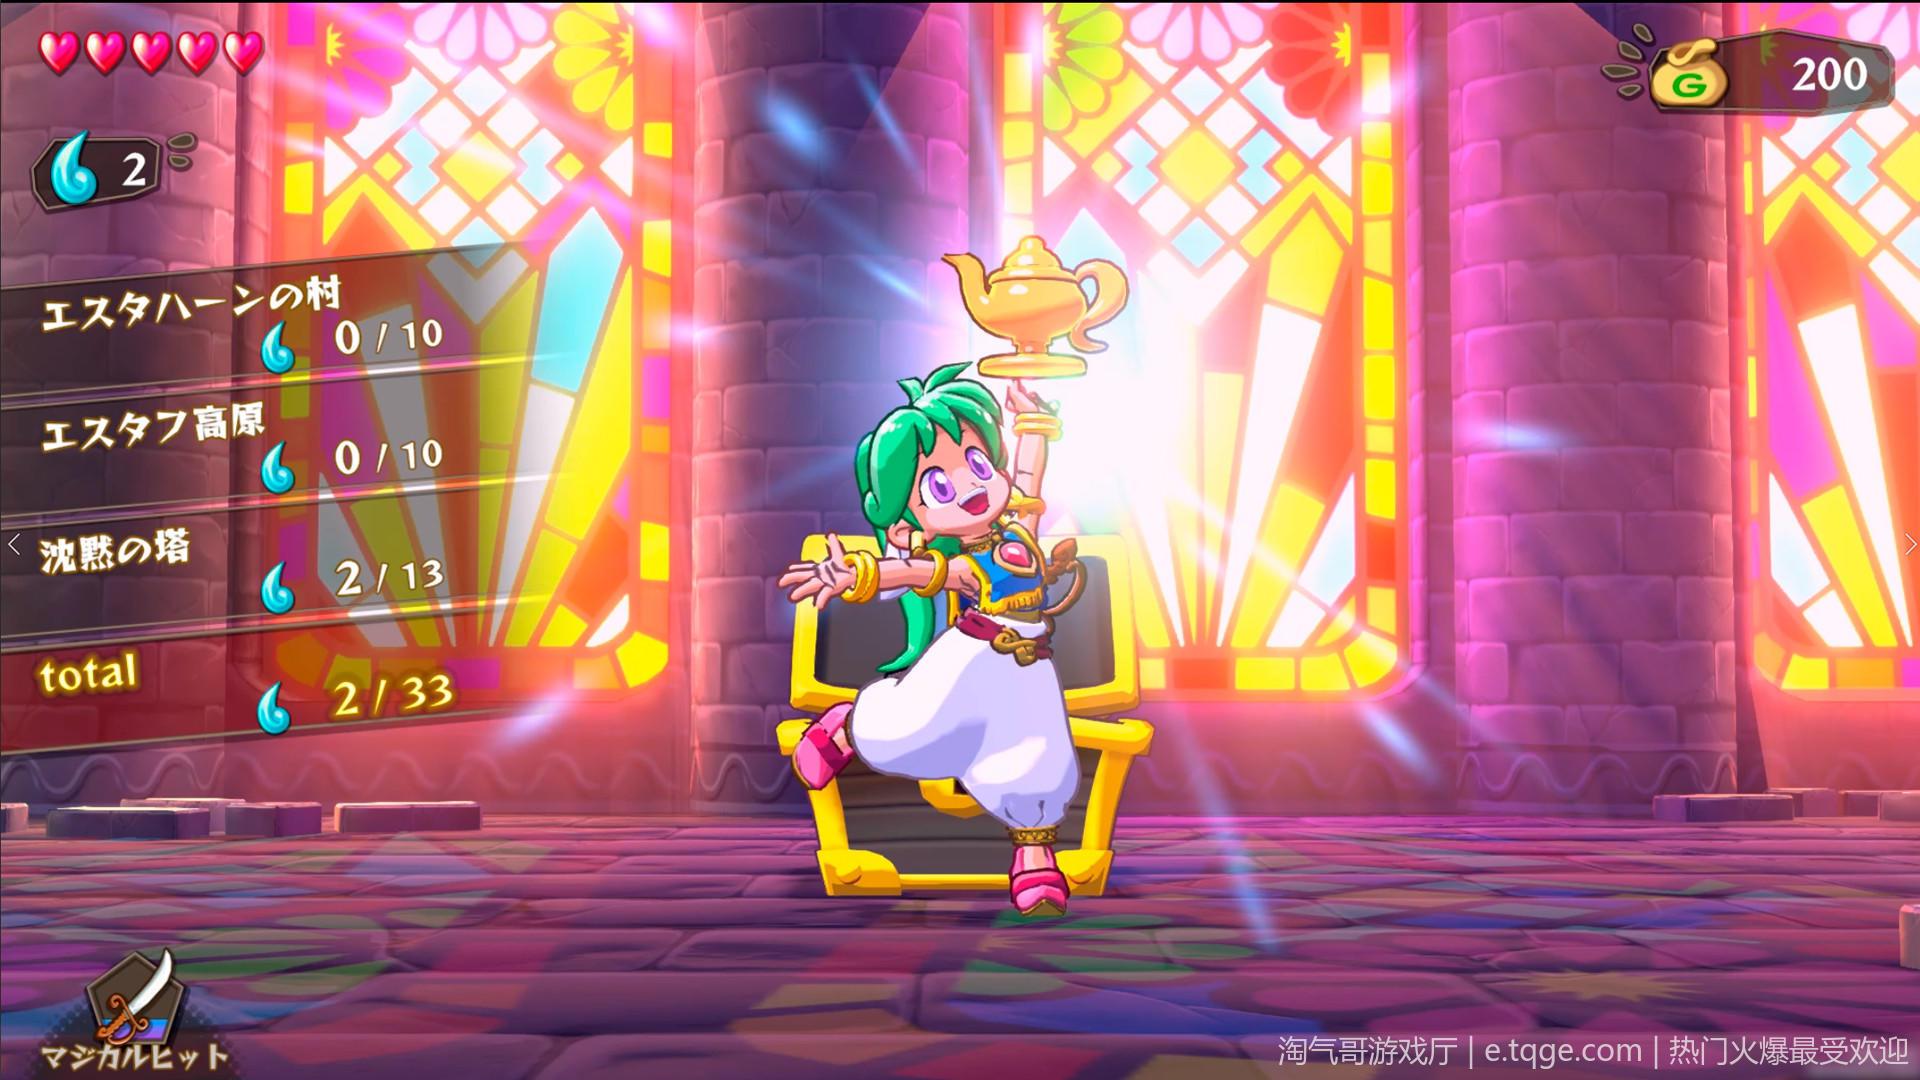 神奇男孩:阿莎的怪物世界冒险 动作冒险 第1张